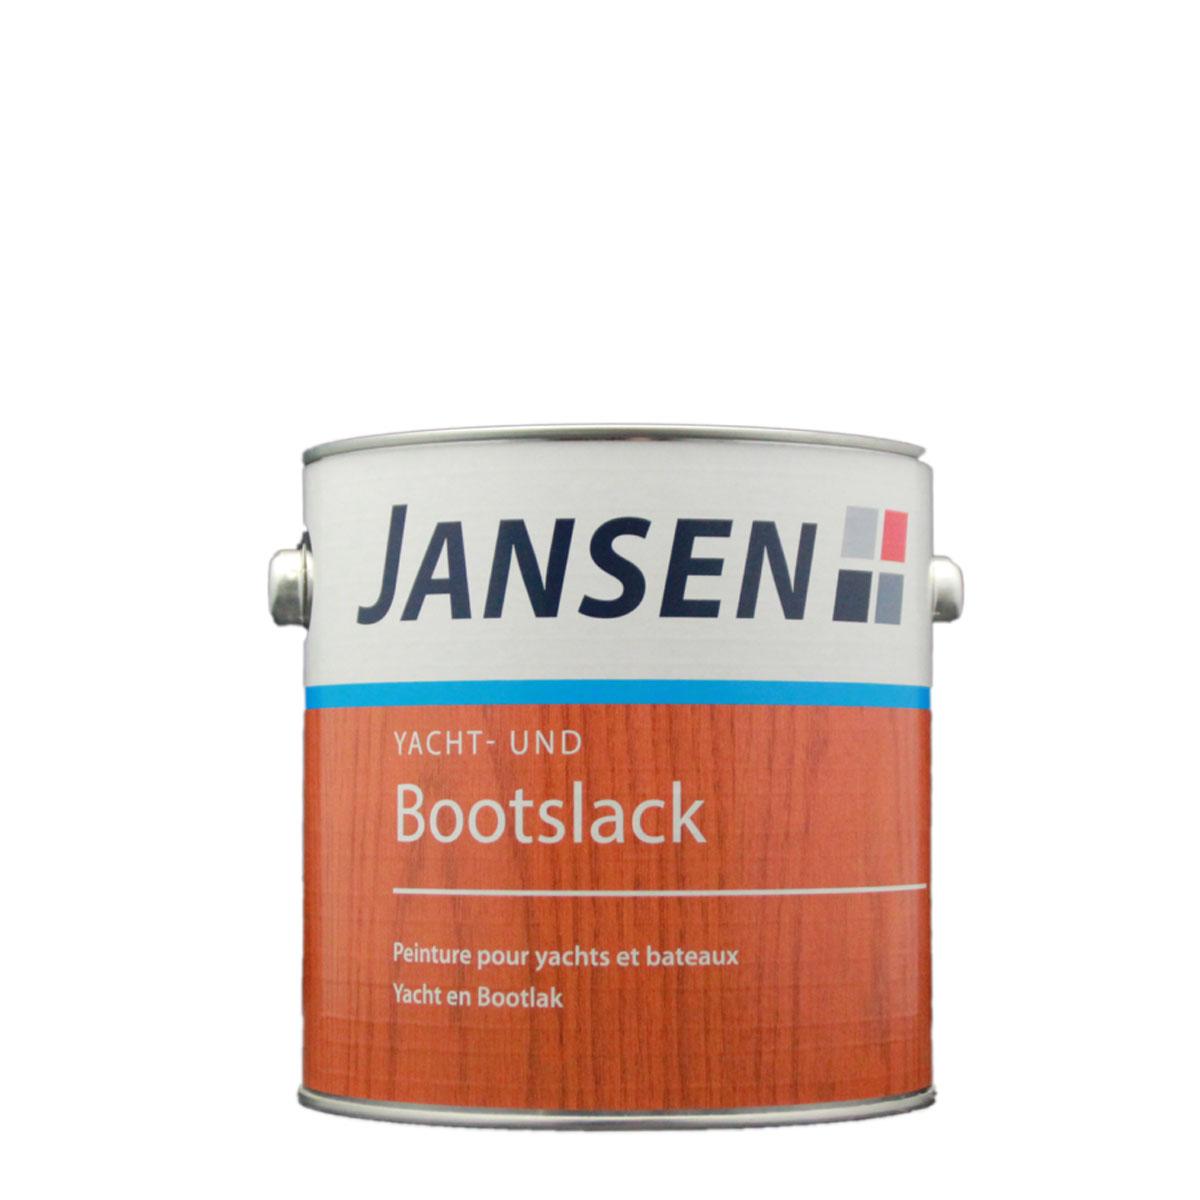 Jansen Yacht- und Bootslack 0,75L Hochglänzend, Wetterfest, Klarlack